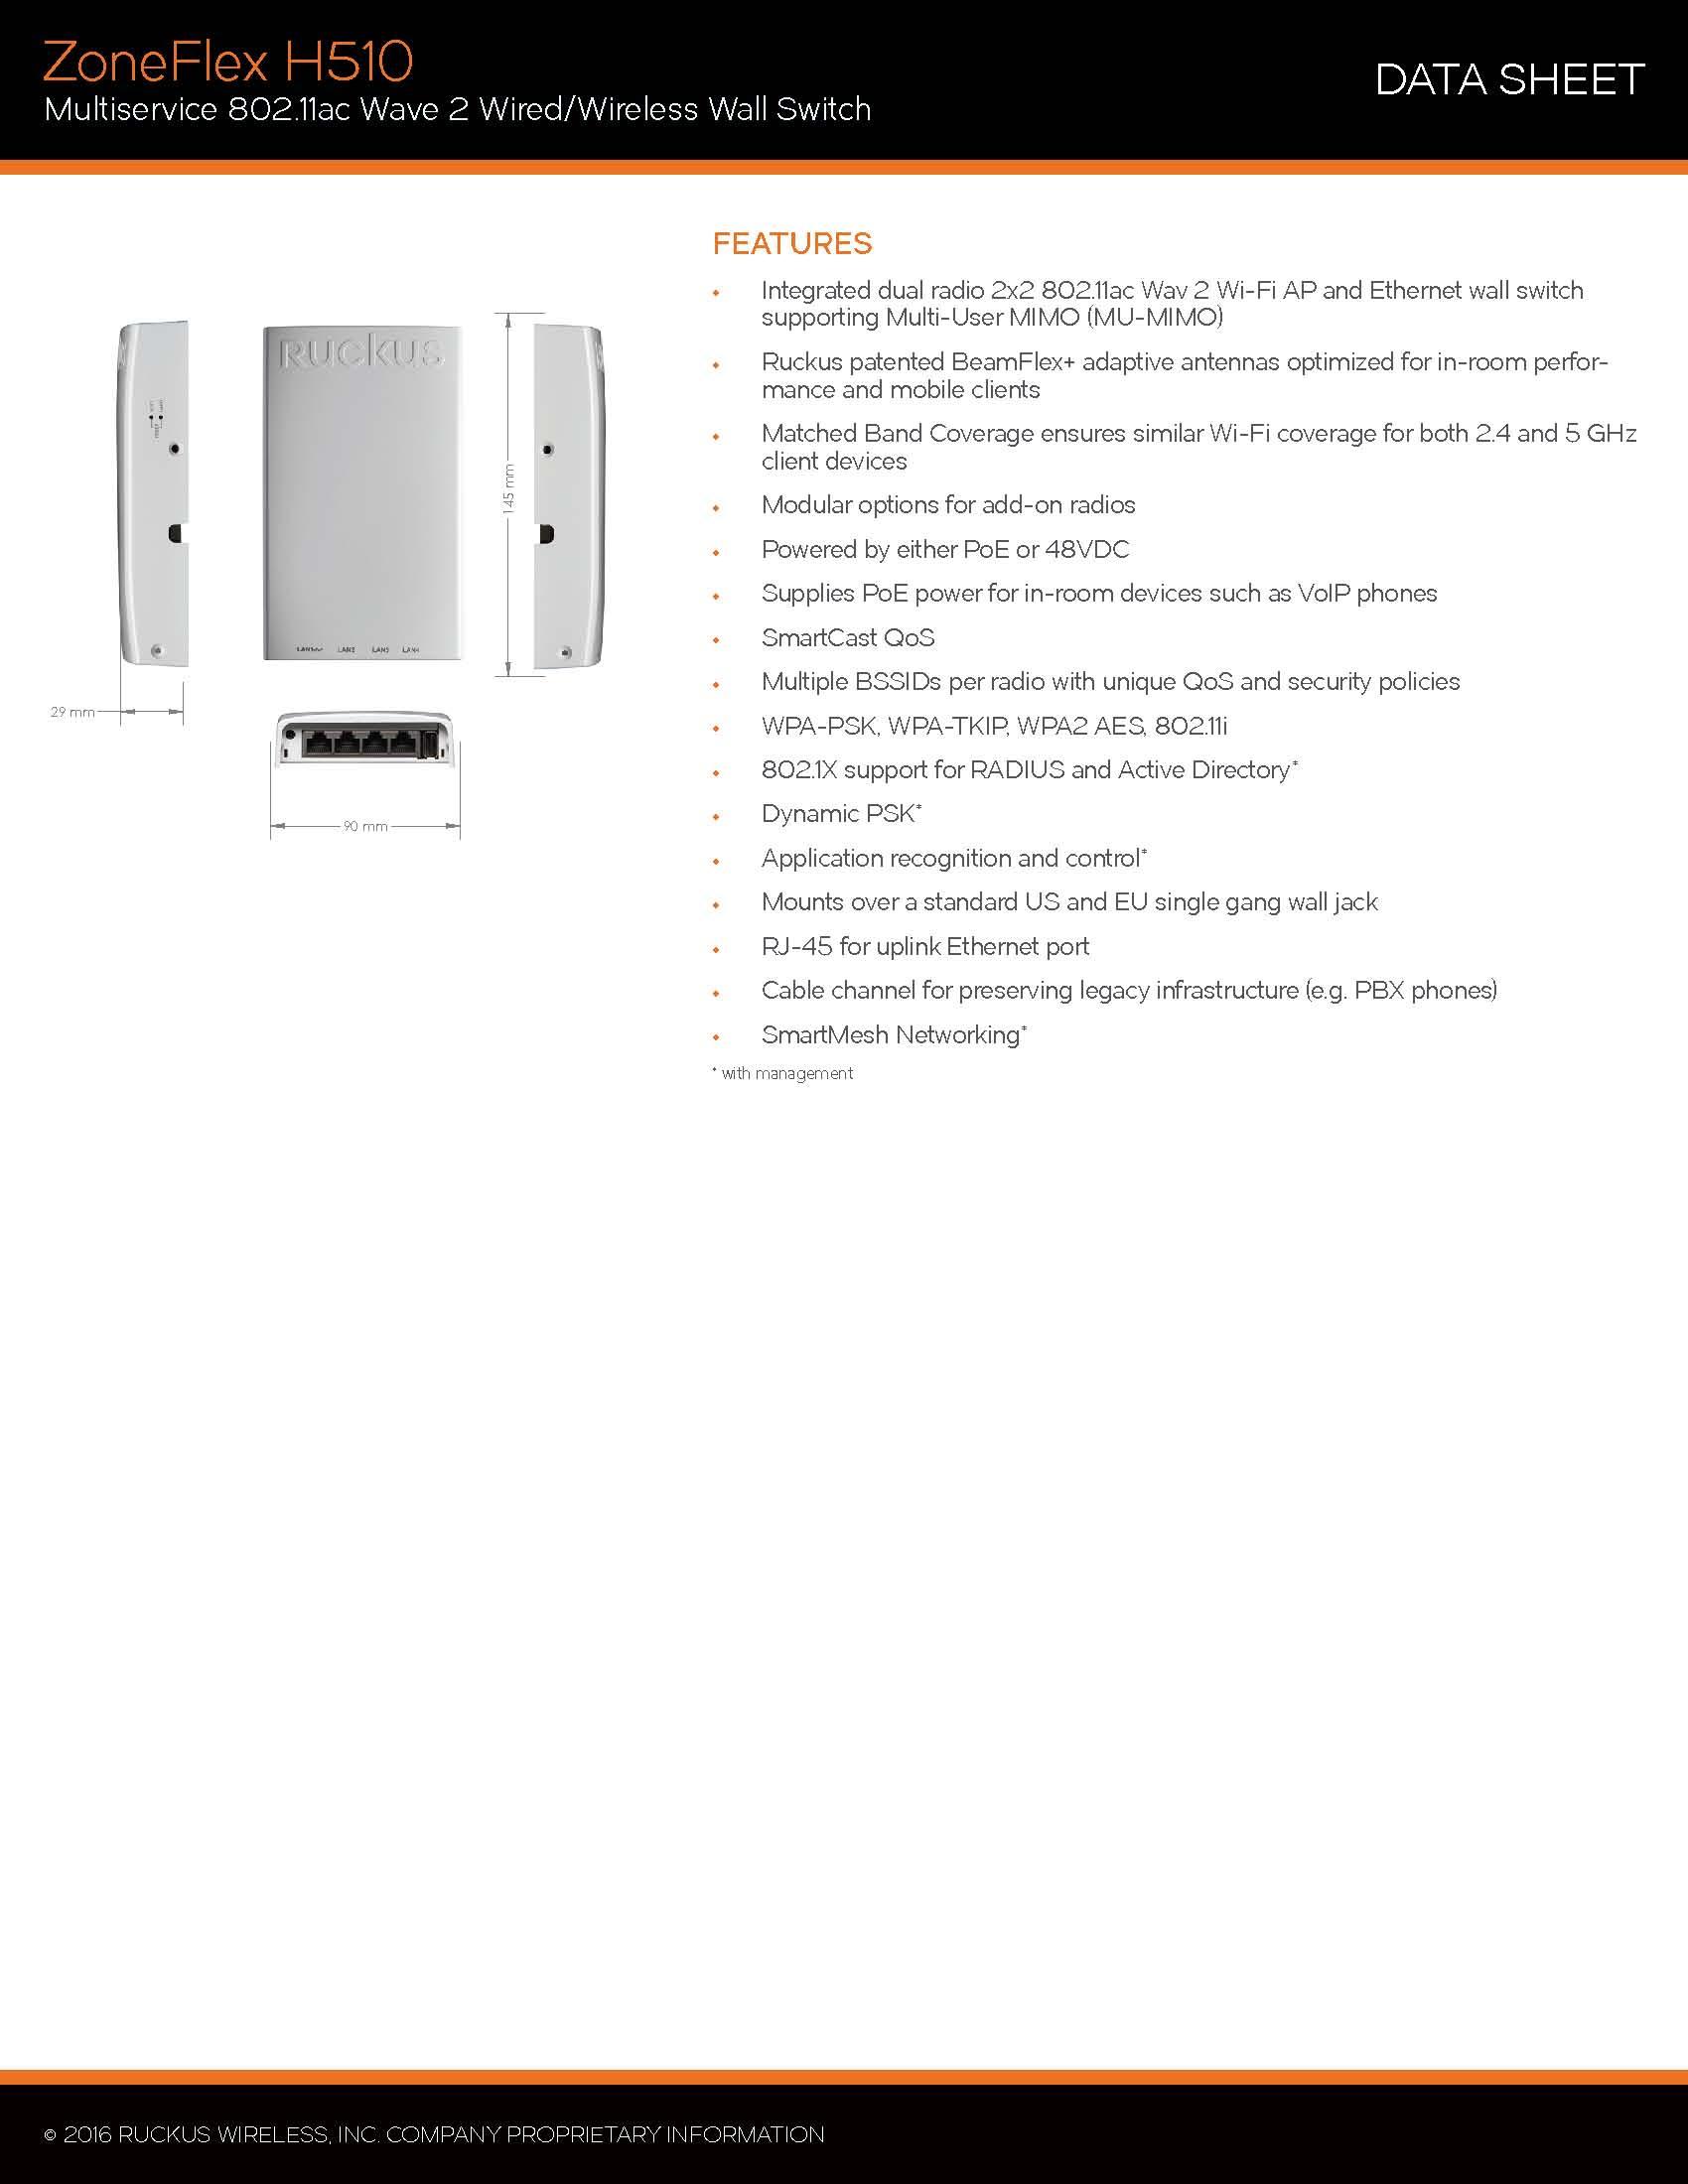 Ruckus Wireless ZoneFlex H510 901-H510-WW00 Indoor Wireless